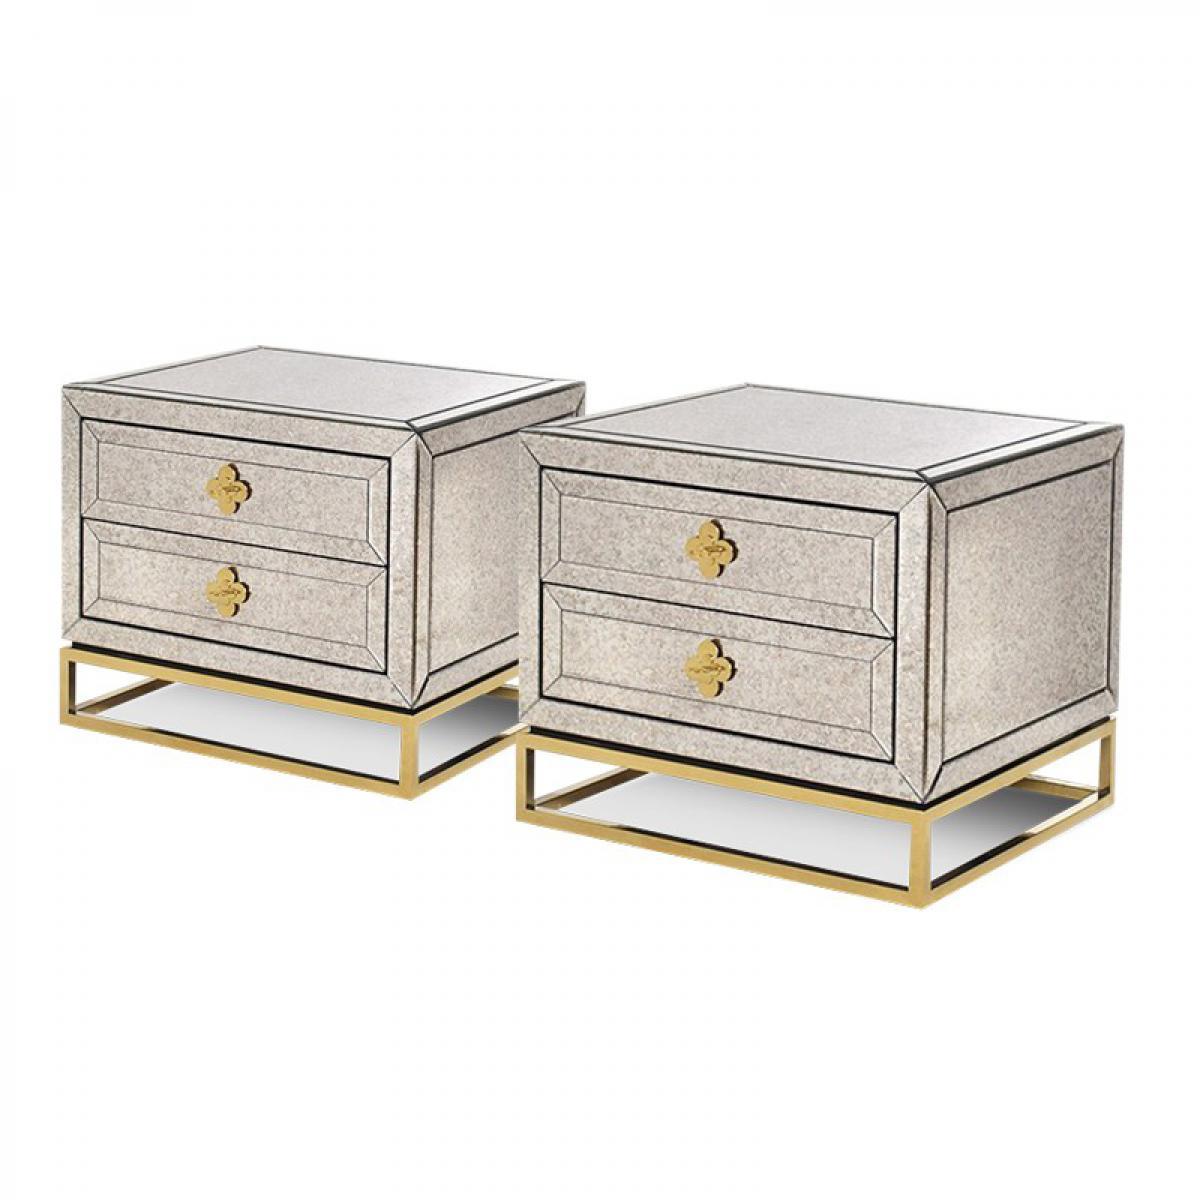 Meubler Design Lot de deux tabless de chevet en miroir vieilli LOUIS